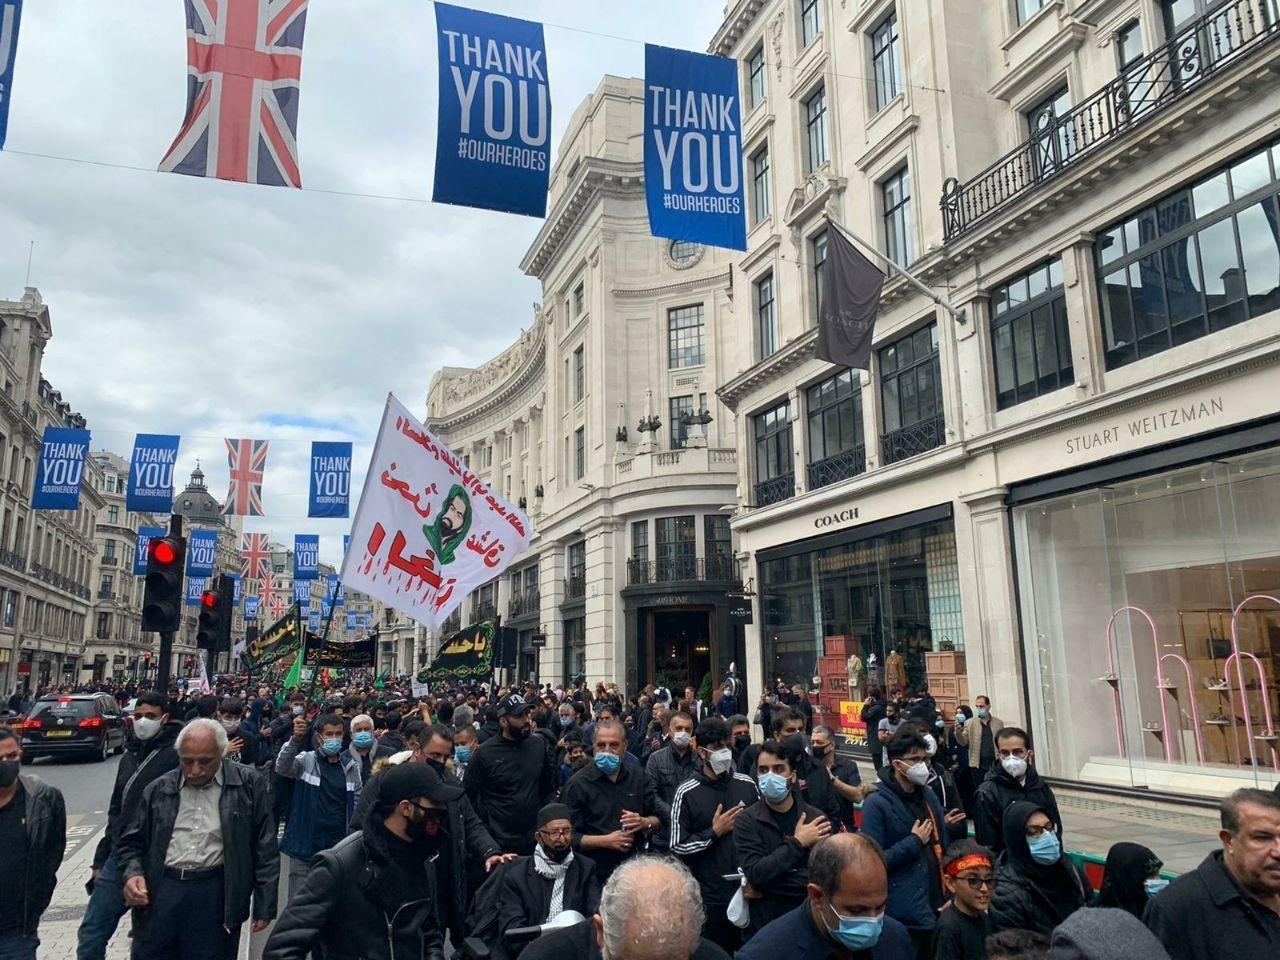 صورة عاشوراء حول العالم.. محبو أهل البيت عليهم السلام ينظمون مسيرة عشورائية وسط لندن